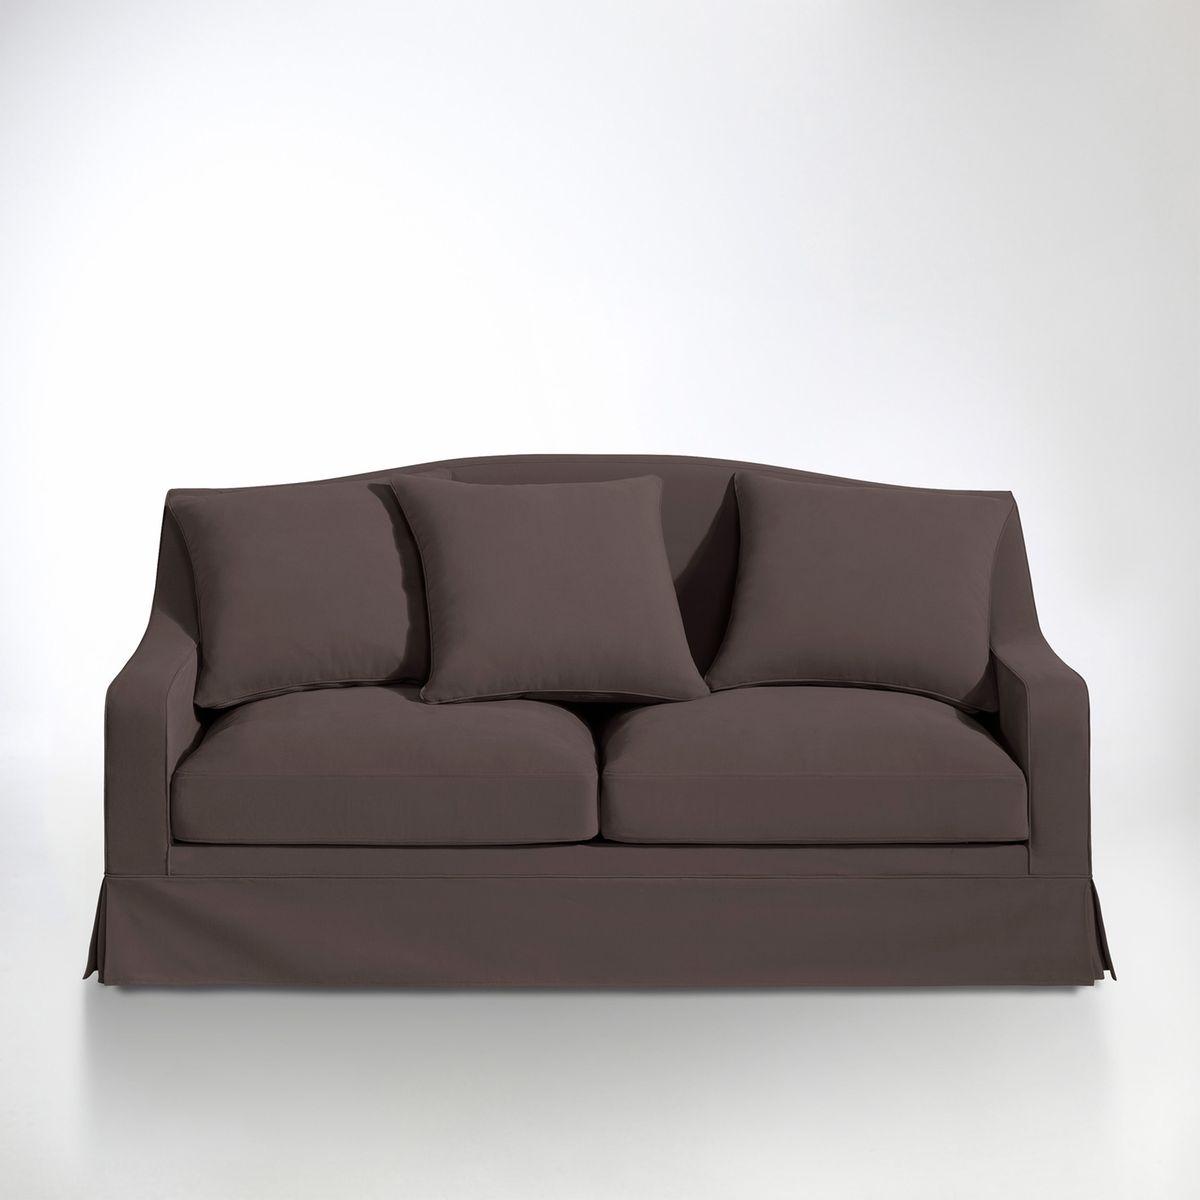 Achat autres canap s canap s salle salon meubles for Ou trouver mousse pour canape